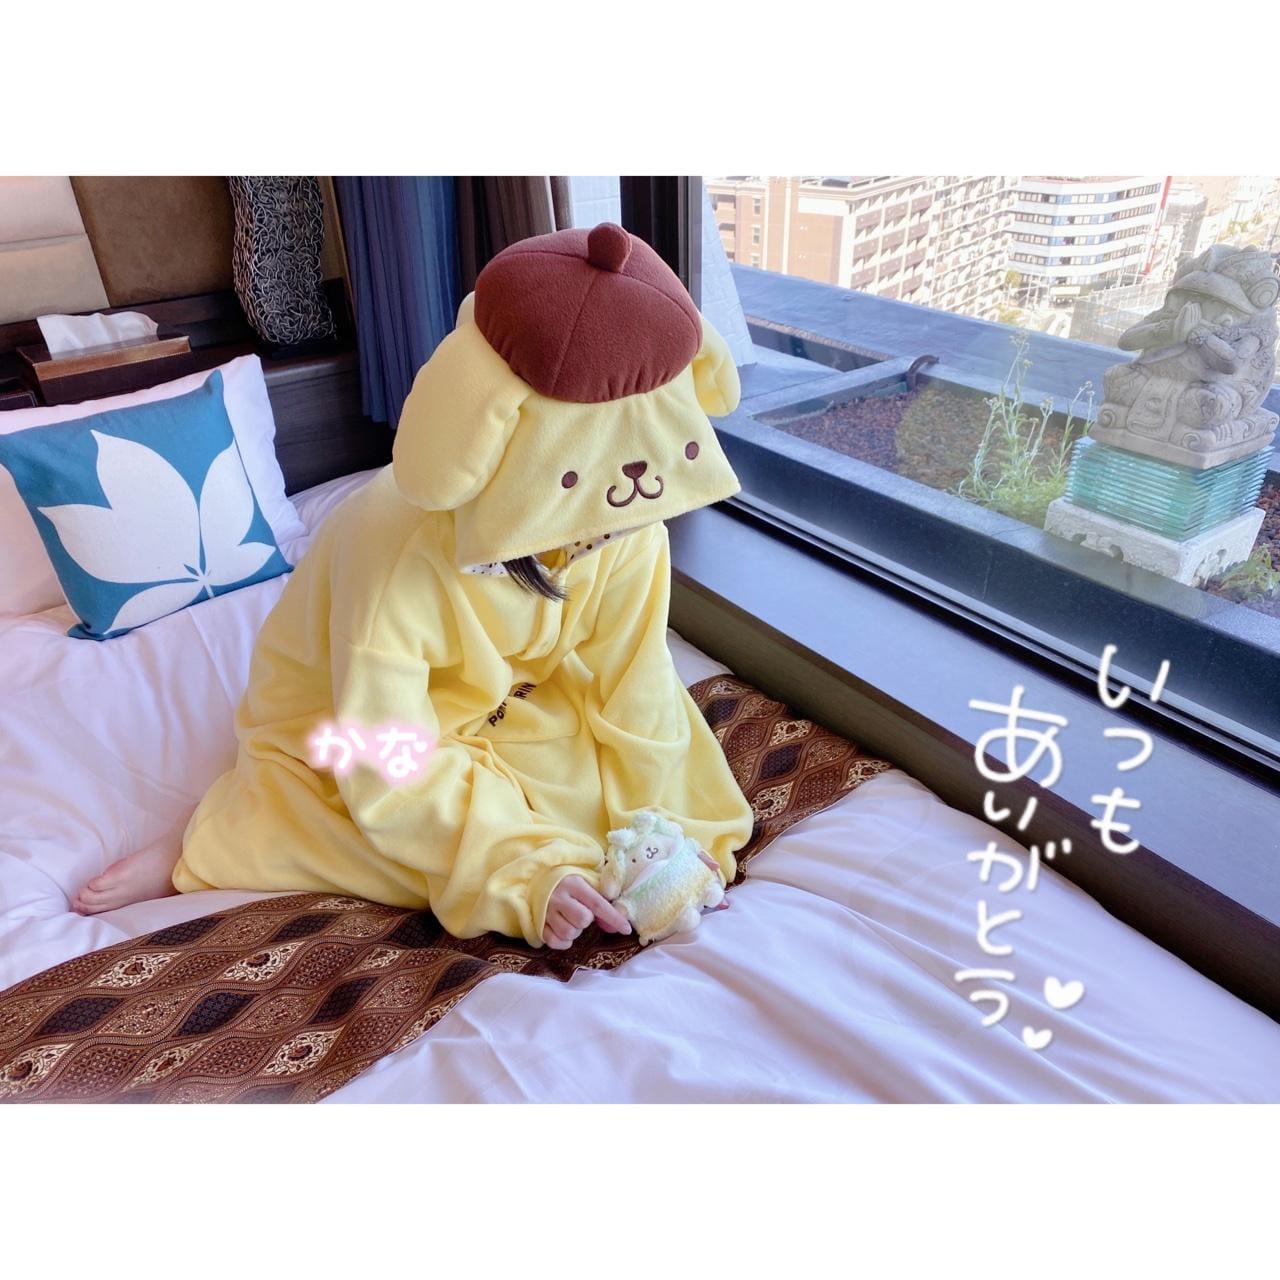 「お礼日記??」10/18(10/18) 20:46 | かなちゃんの写メ・風俗動画